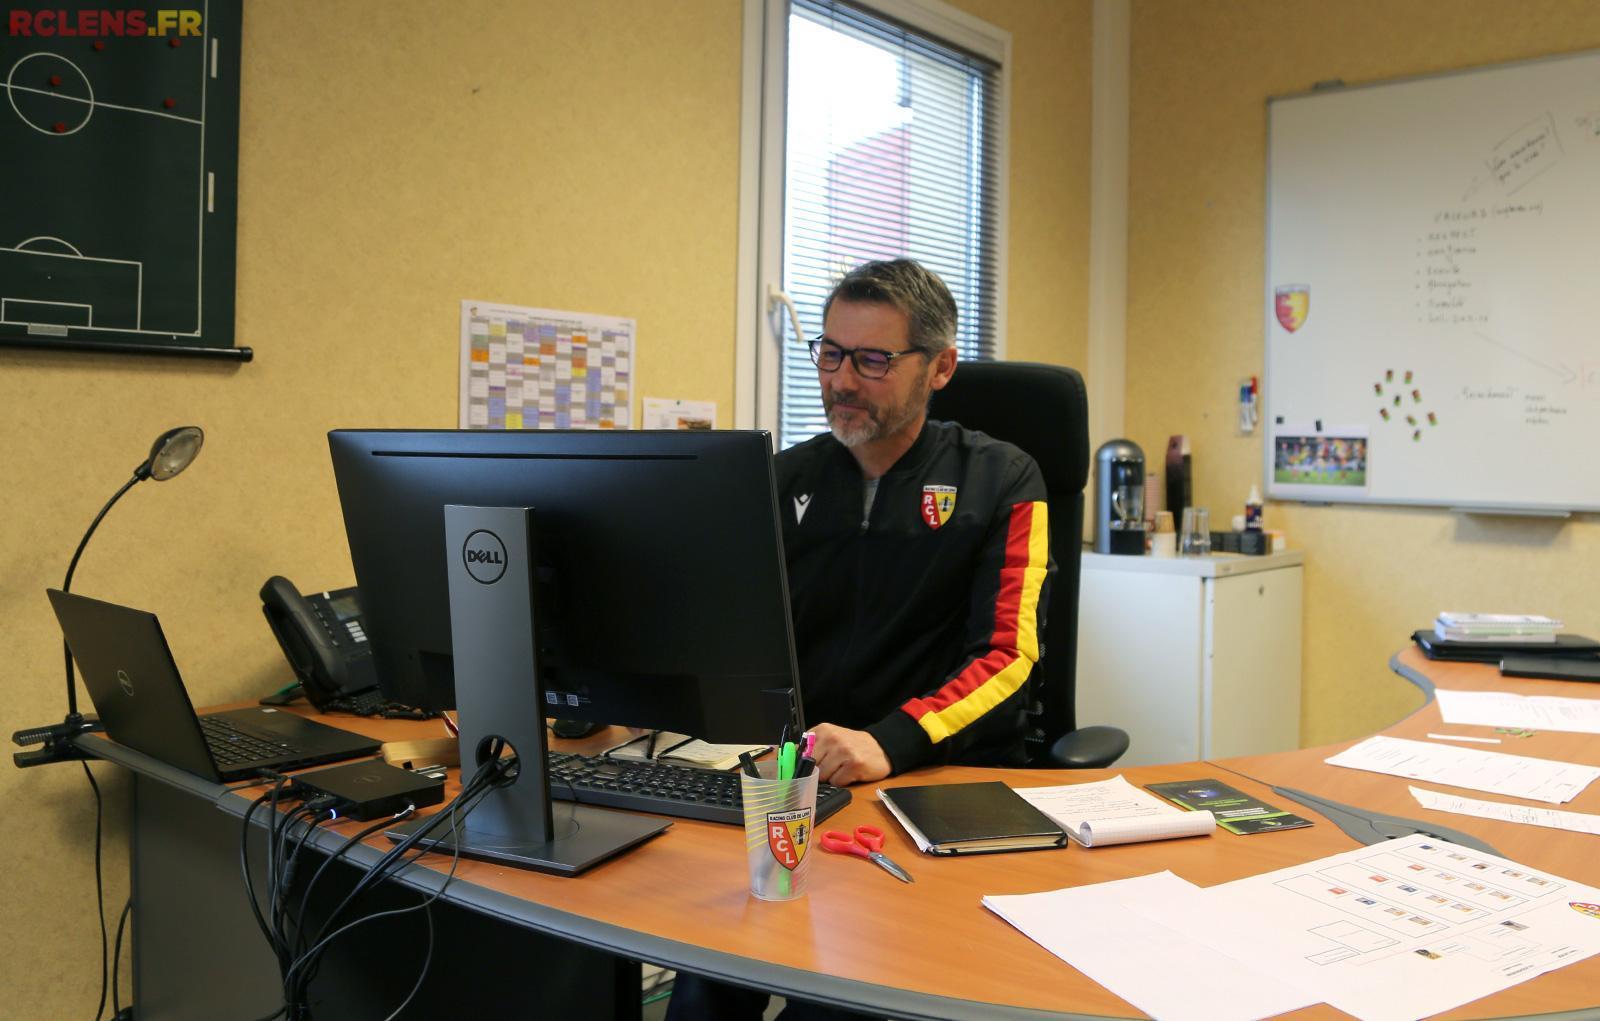 Eric Assadourian directeur de la formation rclens